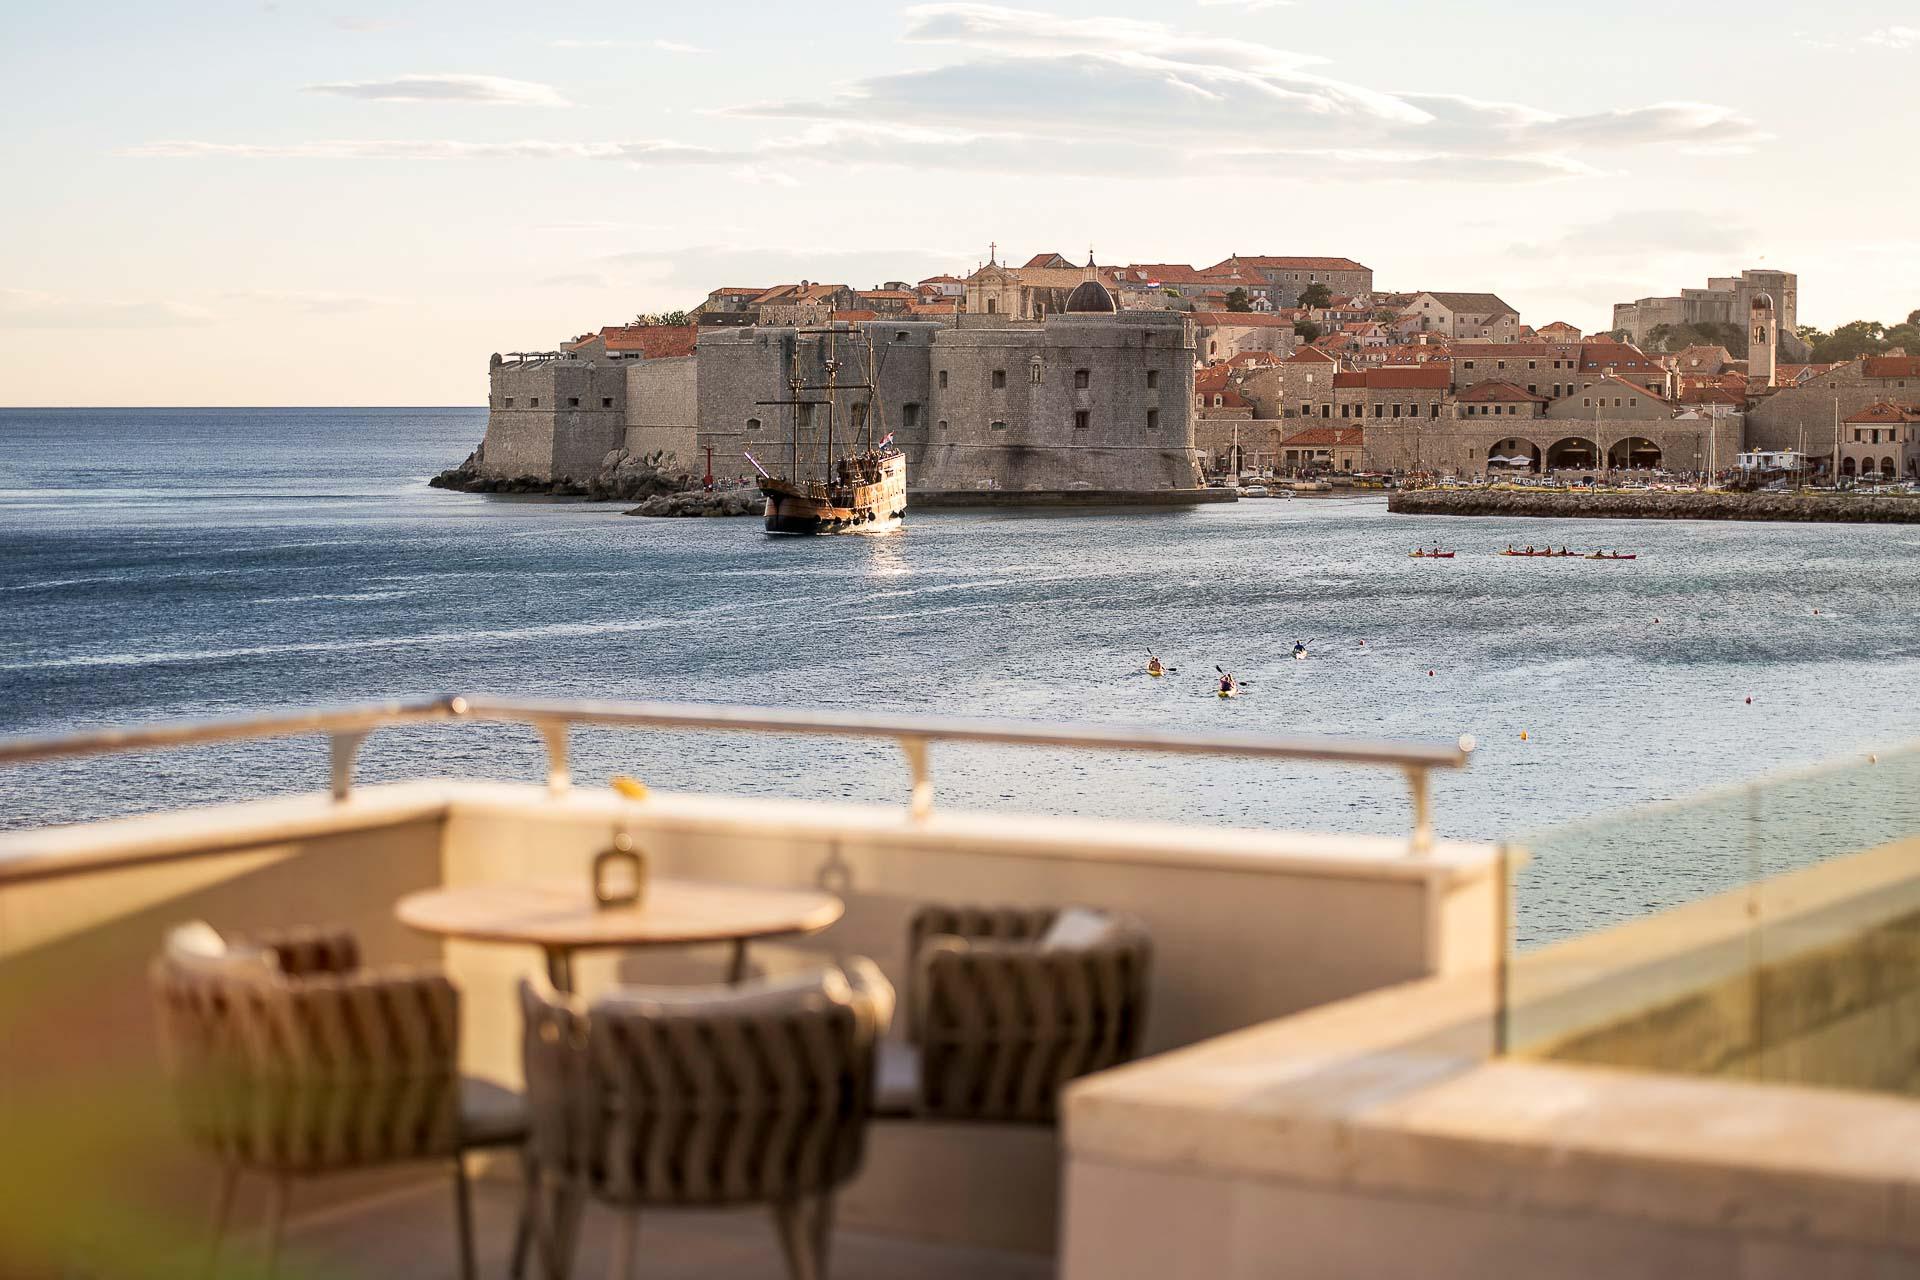 Surnommée  la « perle de l'Adriatique », Dubrovnik s'est imposée comme l'une des destinations les plus en vue de la côte dalmate en Croatie. Pour profiter au maximum de cette cité historique, découvrez ses meilleures adresses : hôtels, restaurants, bars, sites à visiter et idées d'escapade pour échapper à la foule avec style.